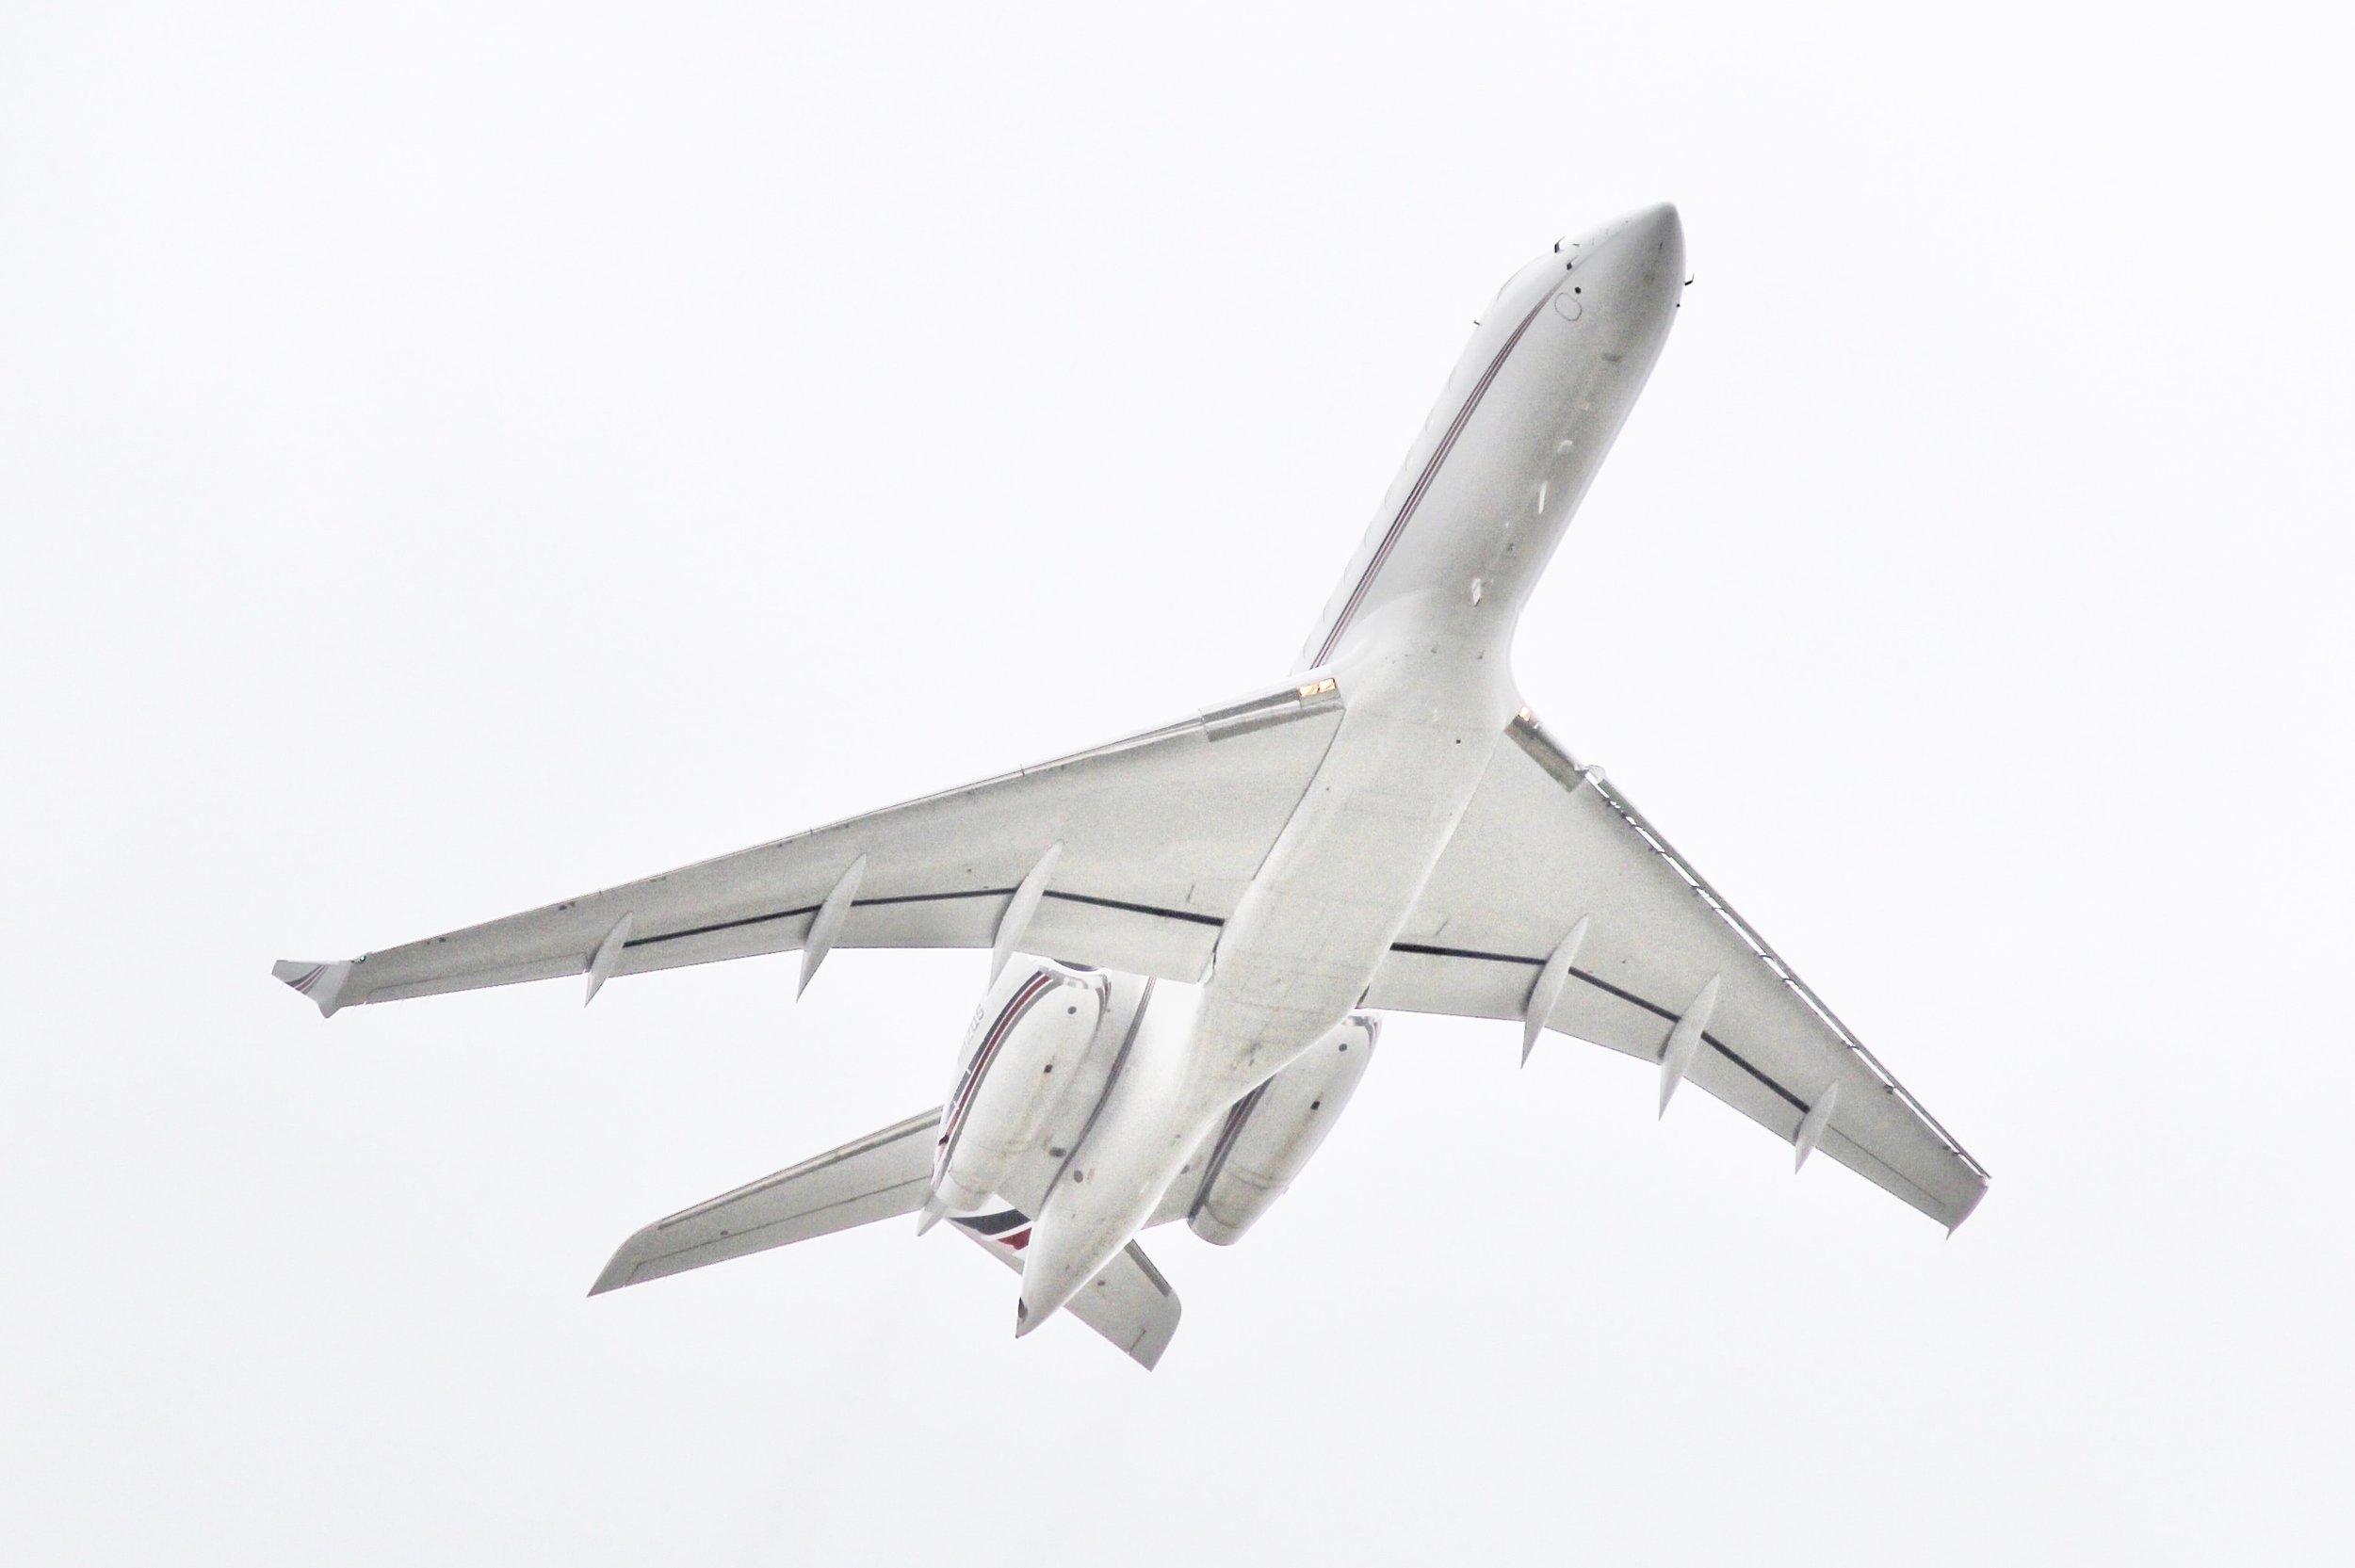 Airlines wollen nicht mit Forex-Trading, sondern Ticketverkäufen Geld verdienen… Photo by Jacob Mathers